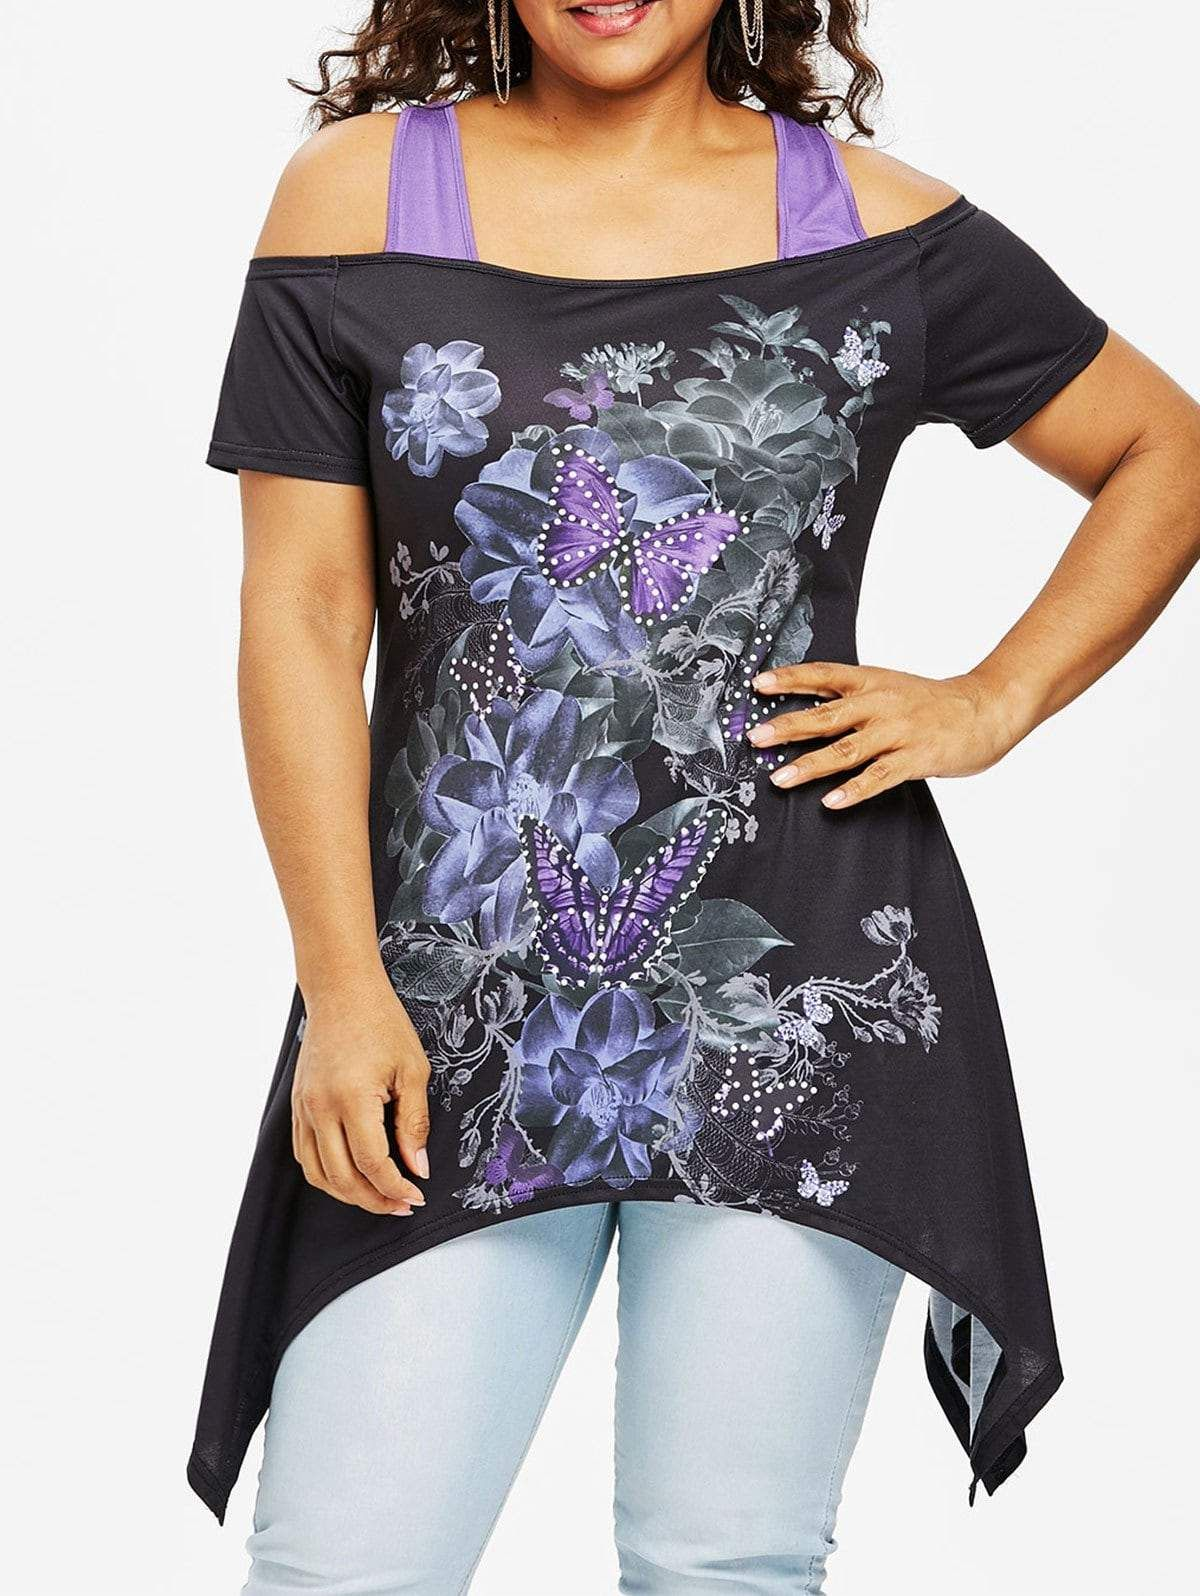 9c62367375755 Plus Size 3D Floral Racerback Handkerchief T-shirt in 2019 ...